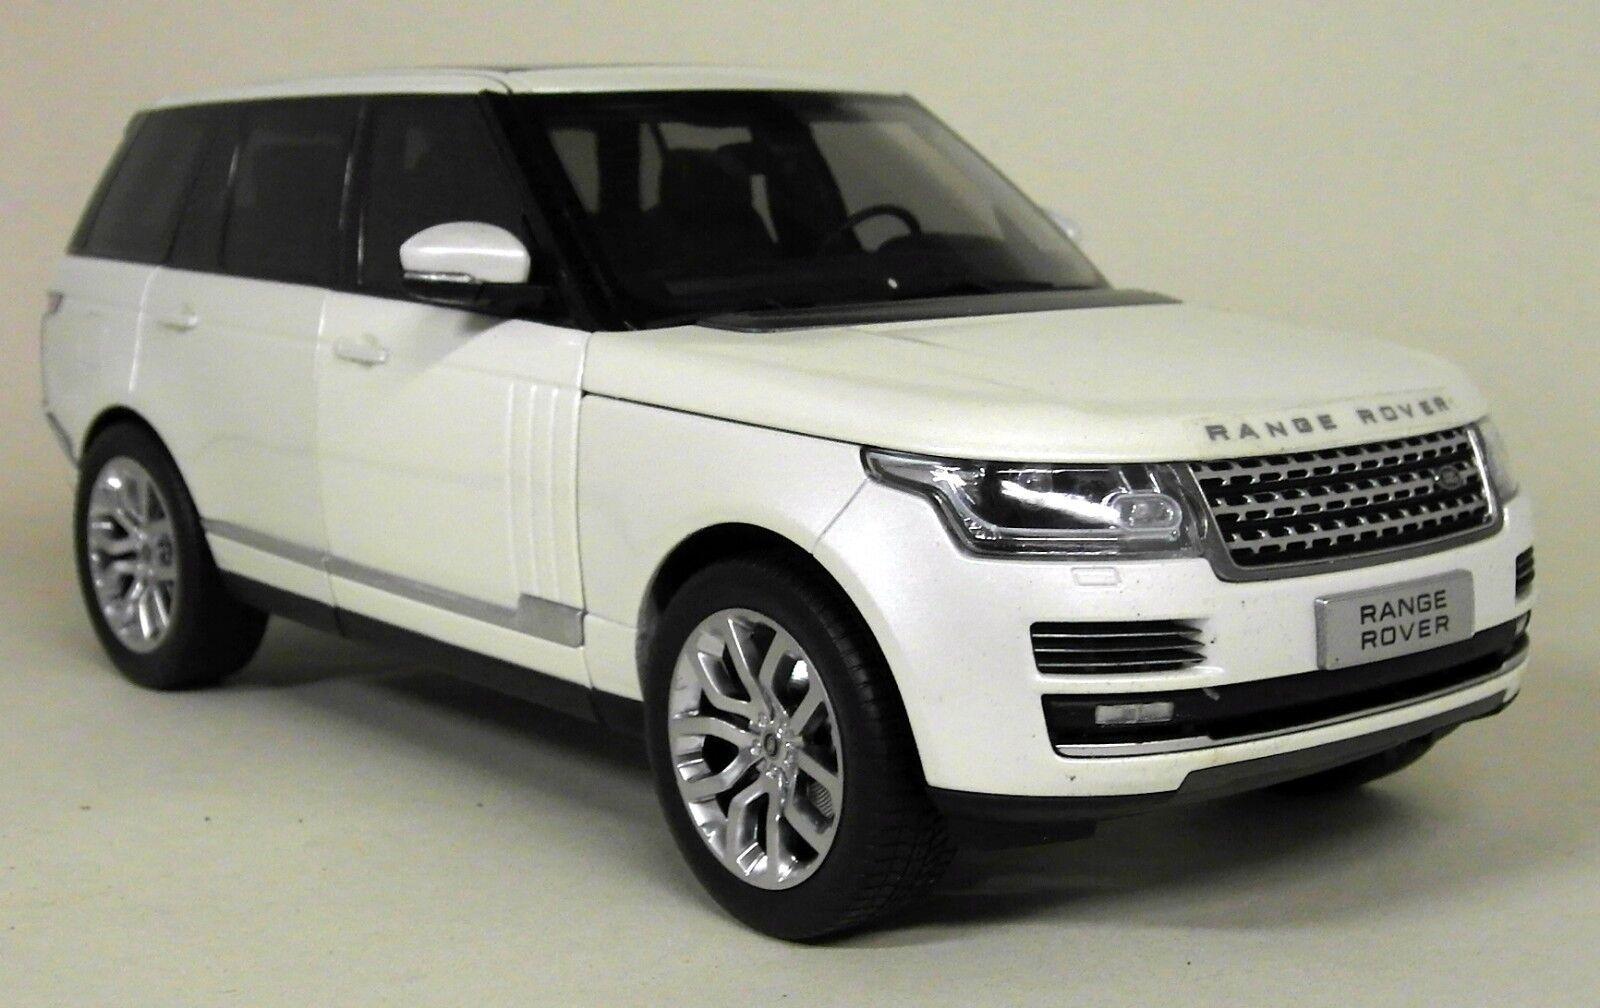 GT Autos 1 18 Scale - 11006 Mo Range Rover 2013 Metallic blanc Diecast Voiture Modèle